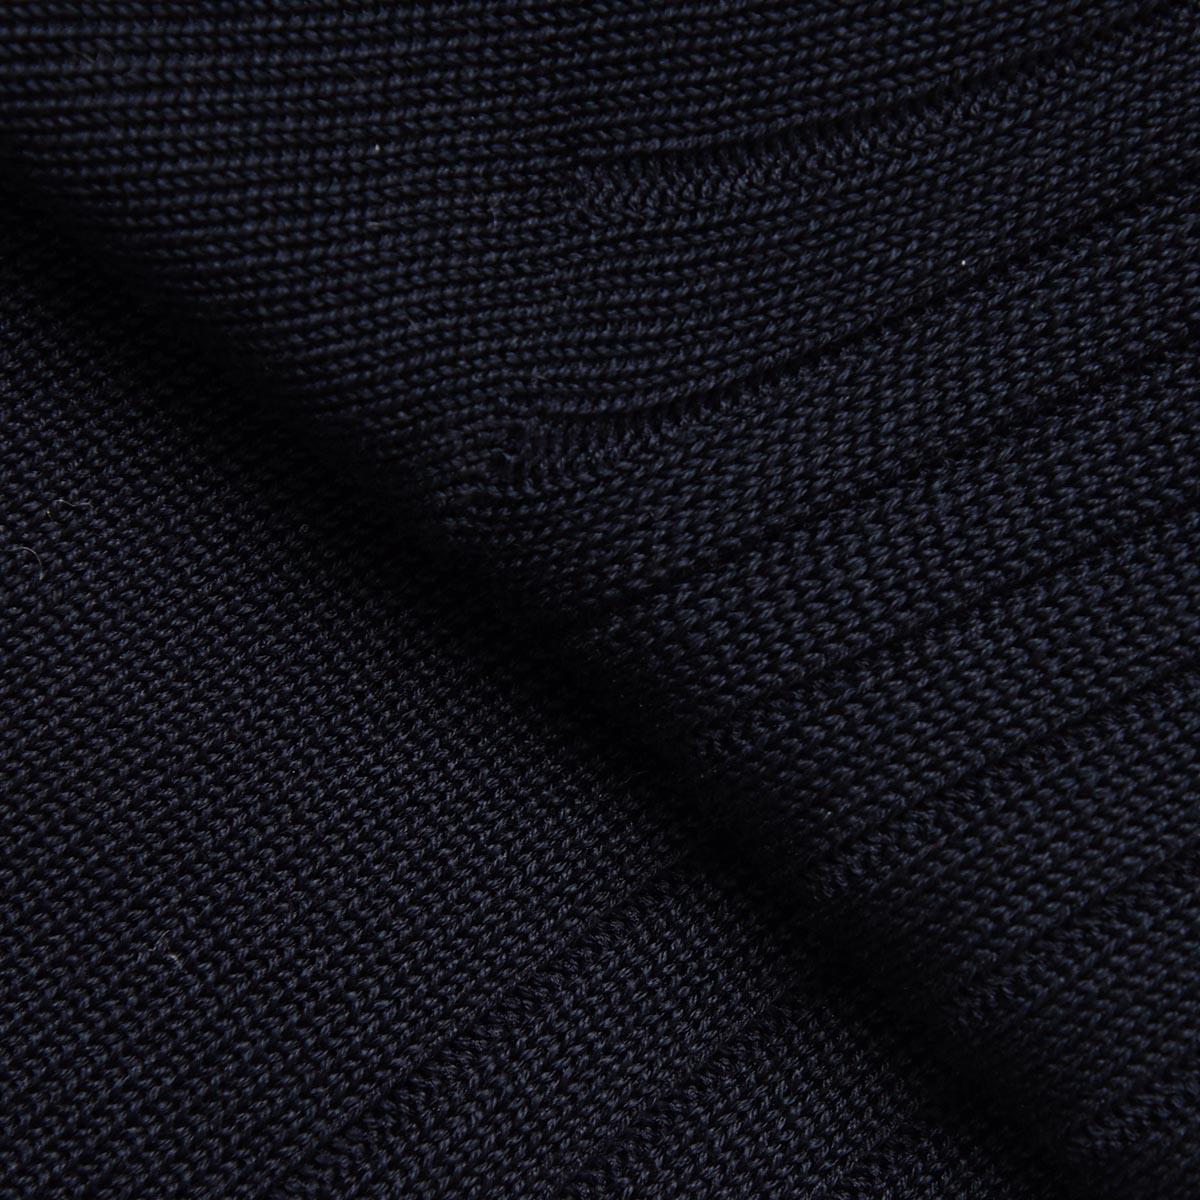 【ネコポス対応(4点まで)】HALISON ハリソン 靴下/ソックス/L 相当サイズ:27~28cm【返品交換不可】 メンズ